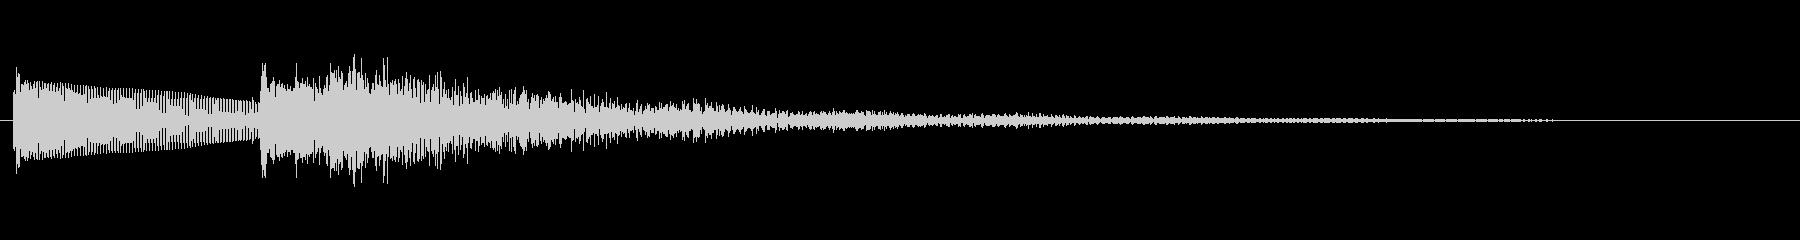 「ボロ~ン」と哀愁の漂うギターの未再生の波形